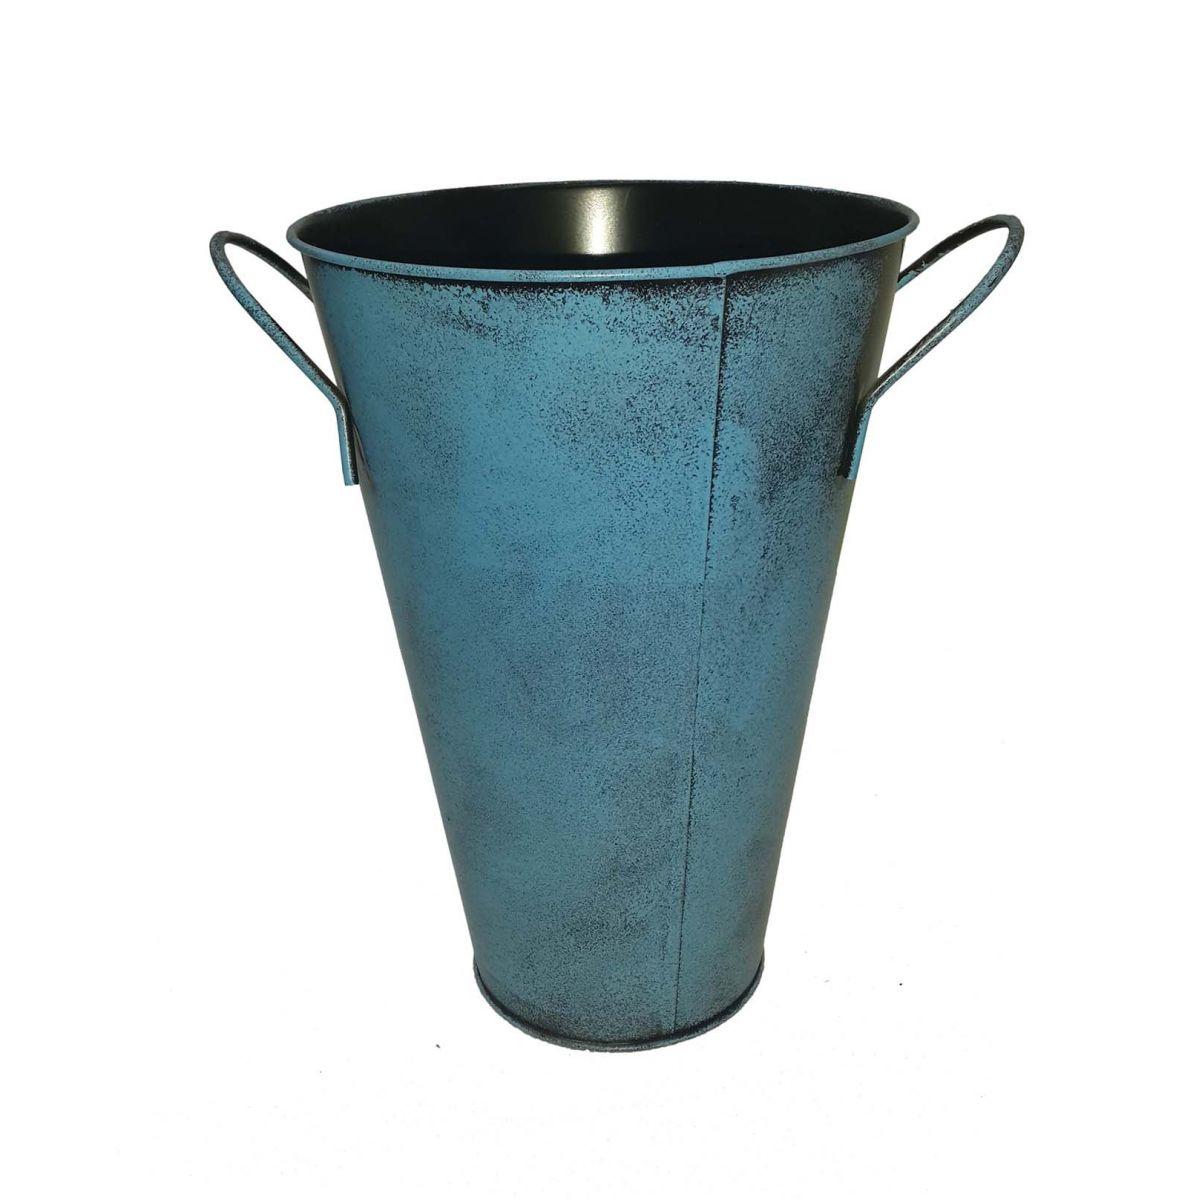 Balde Vaso Enfeite de Ferro Com Alça Jardim Quintal Varanda Flor Joaninha Azul (BALDE-26)